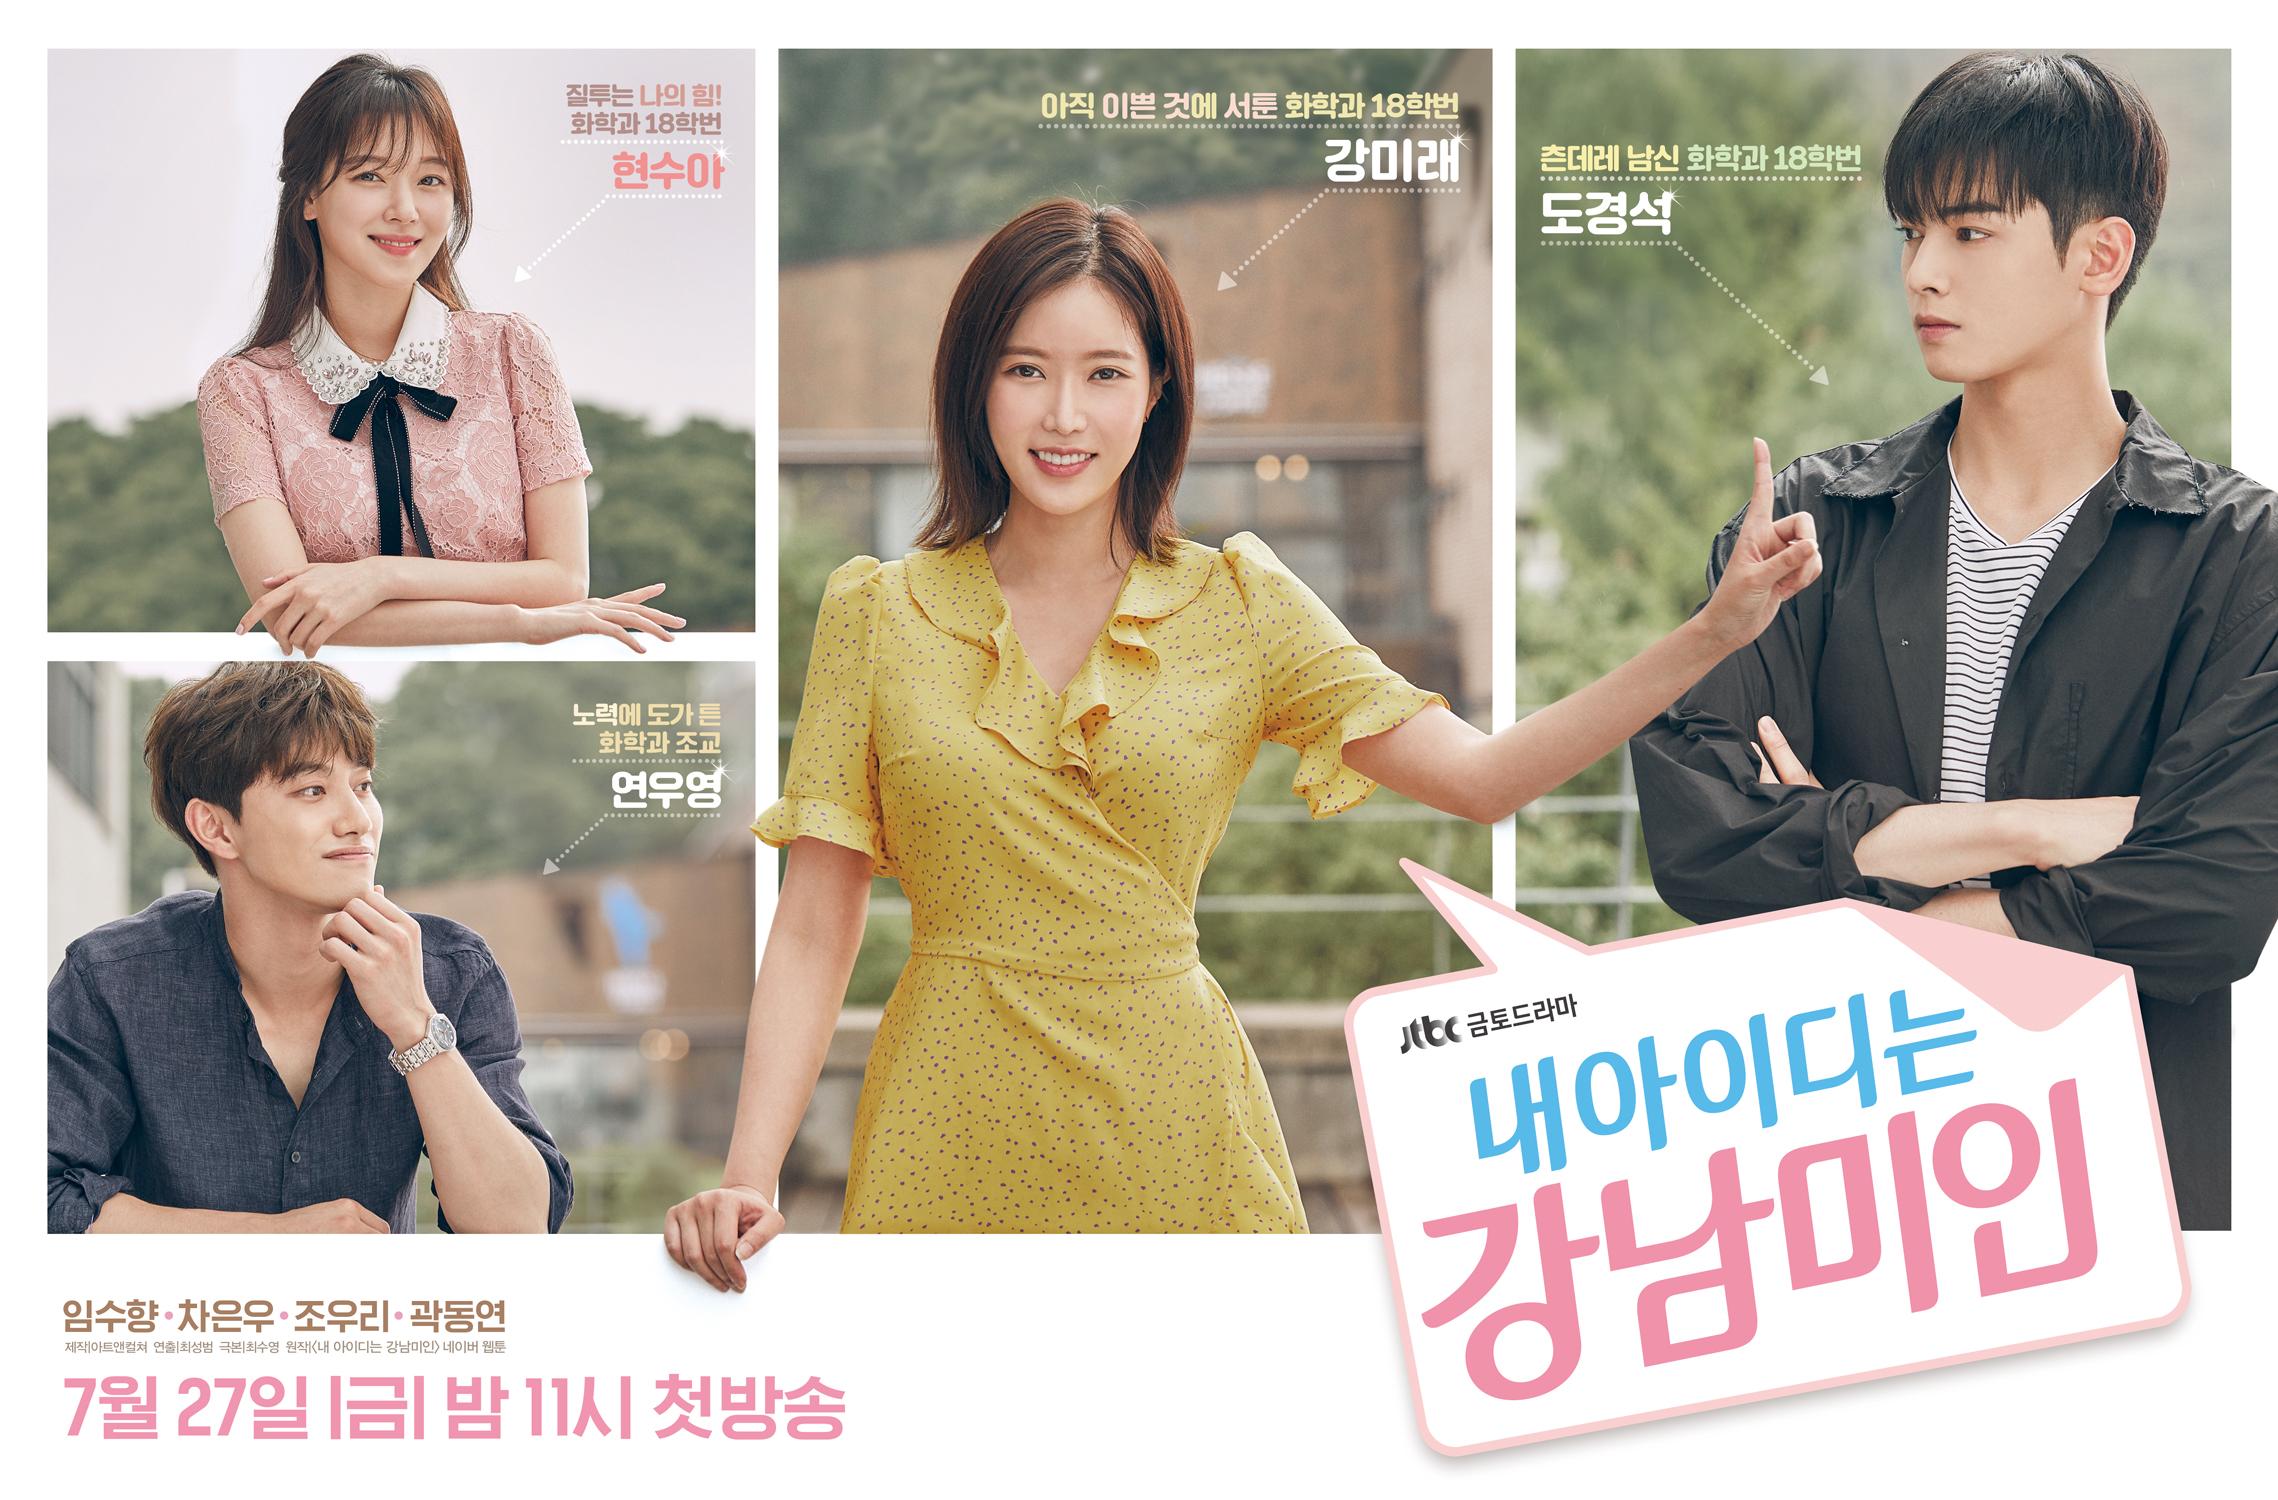 '내 아이디는 강남미인' 속 용평리조트 - 2018-0...